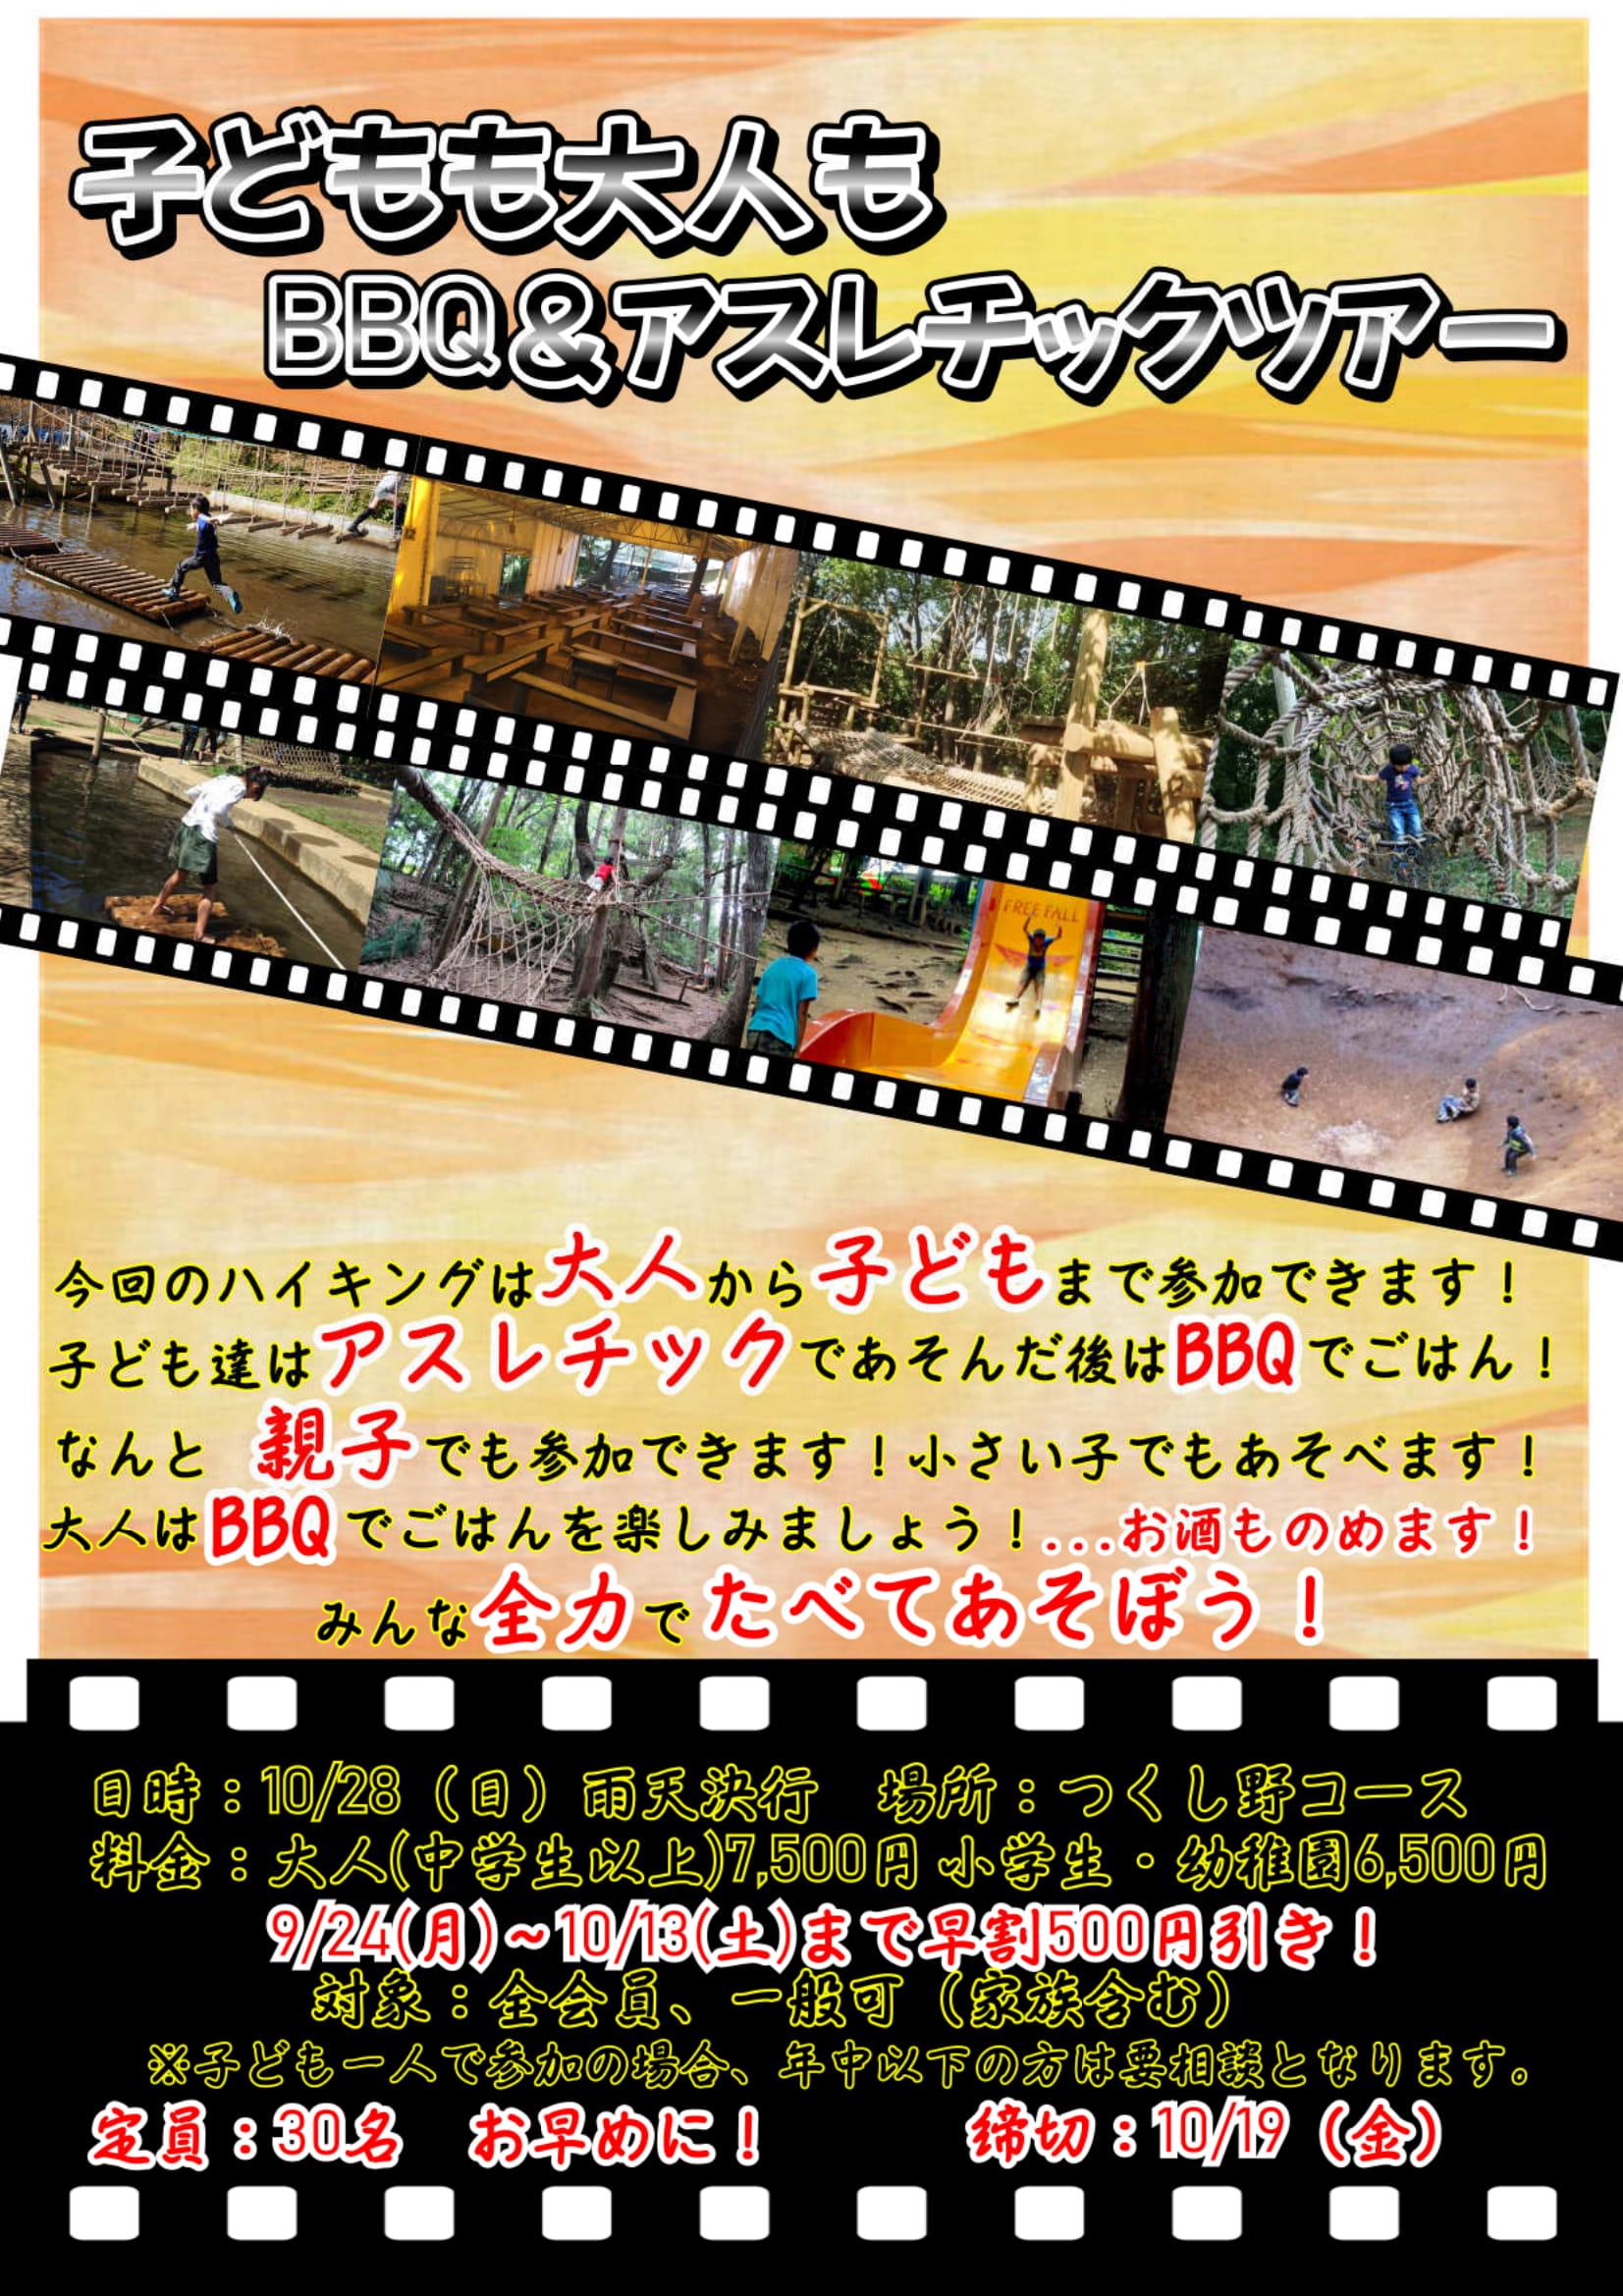 西新井スイミング「子どもも大人もBBQ&アスレチックツアー」募集開始!